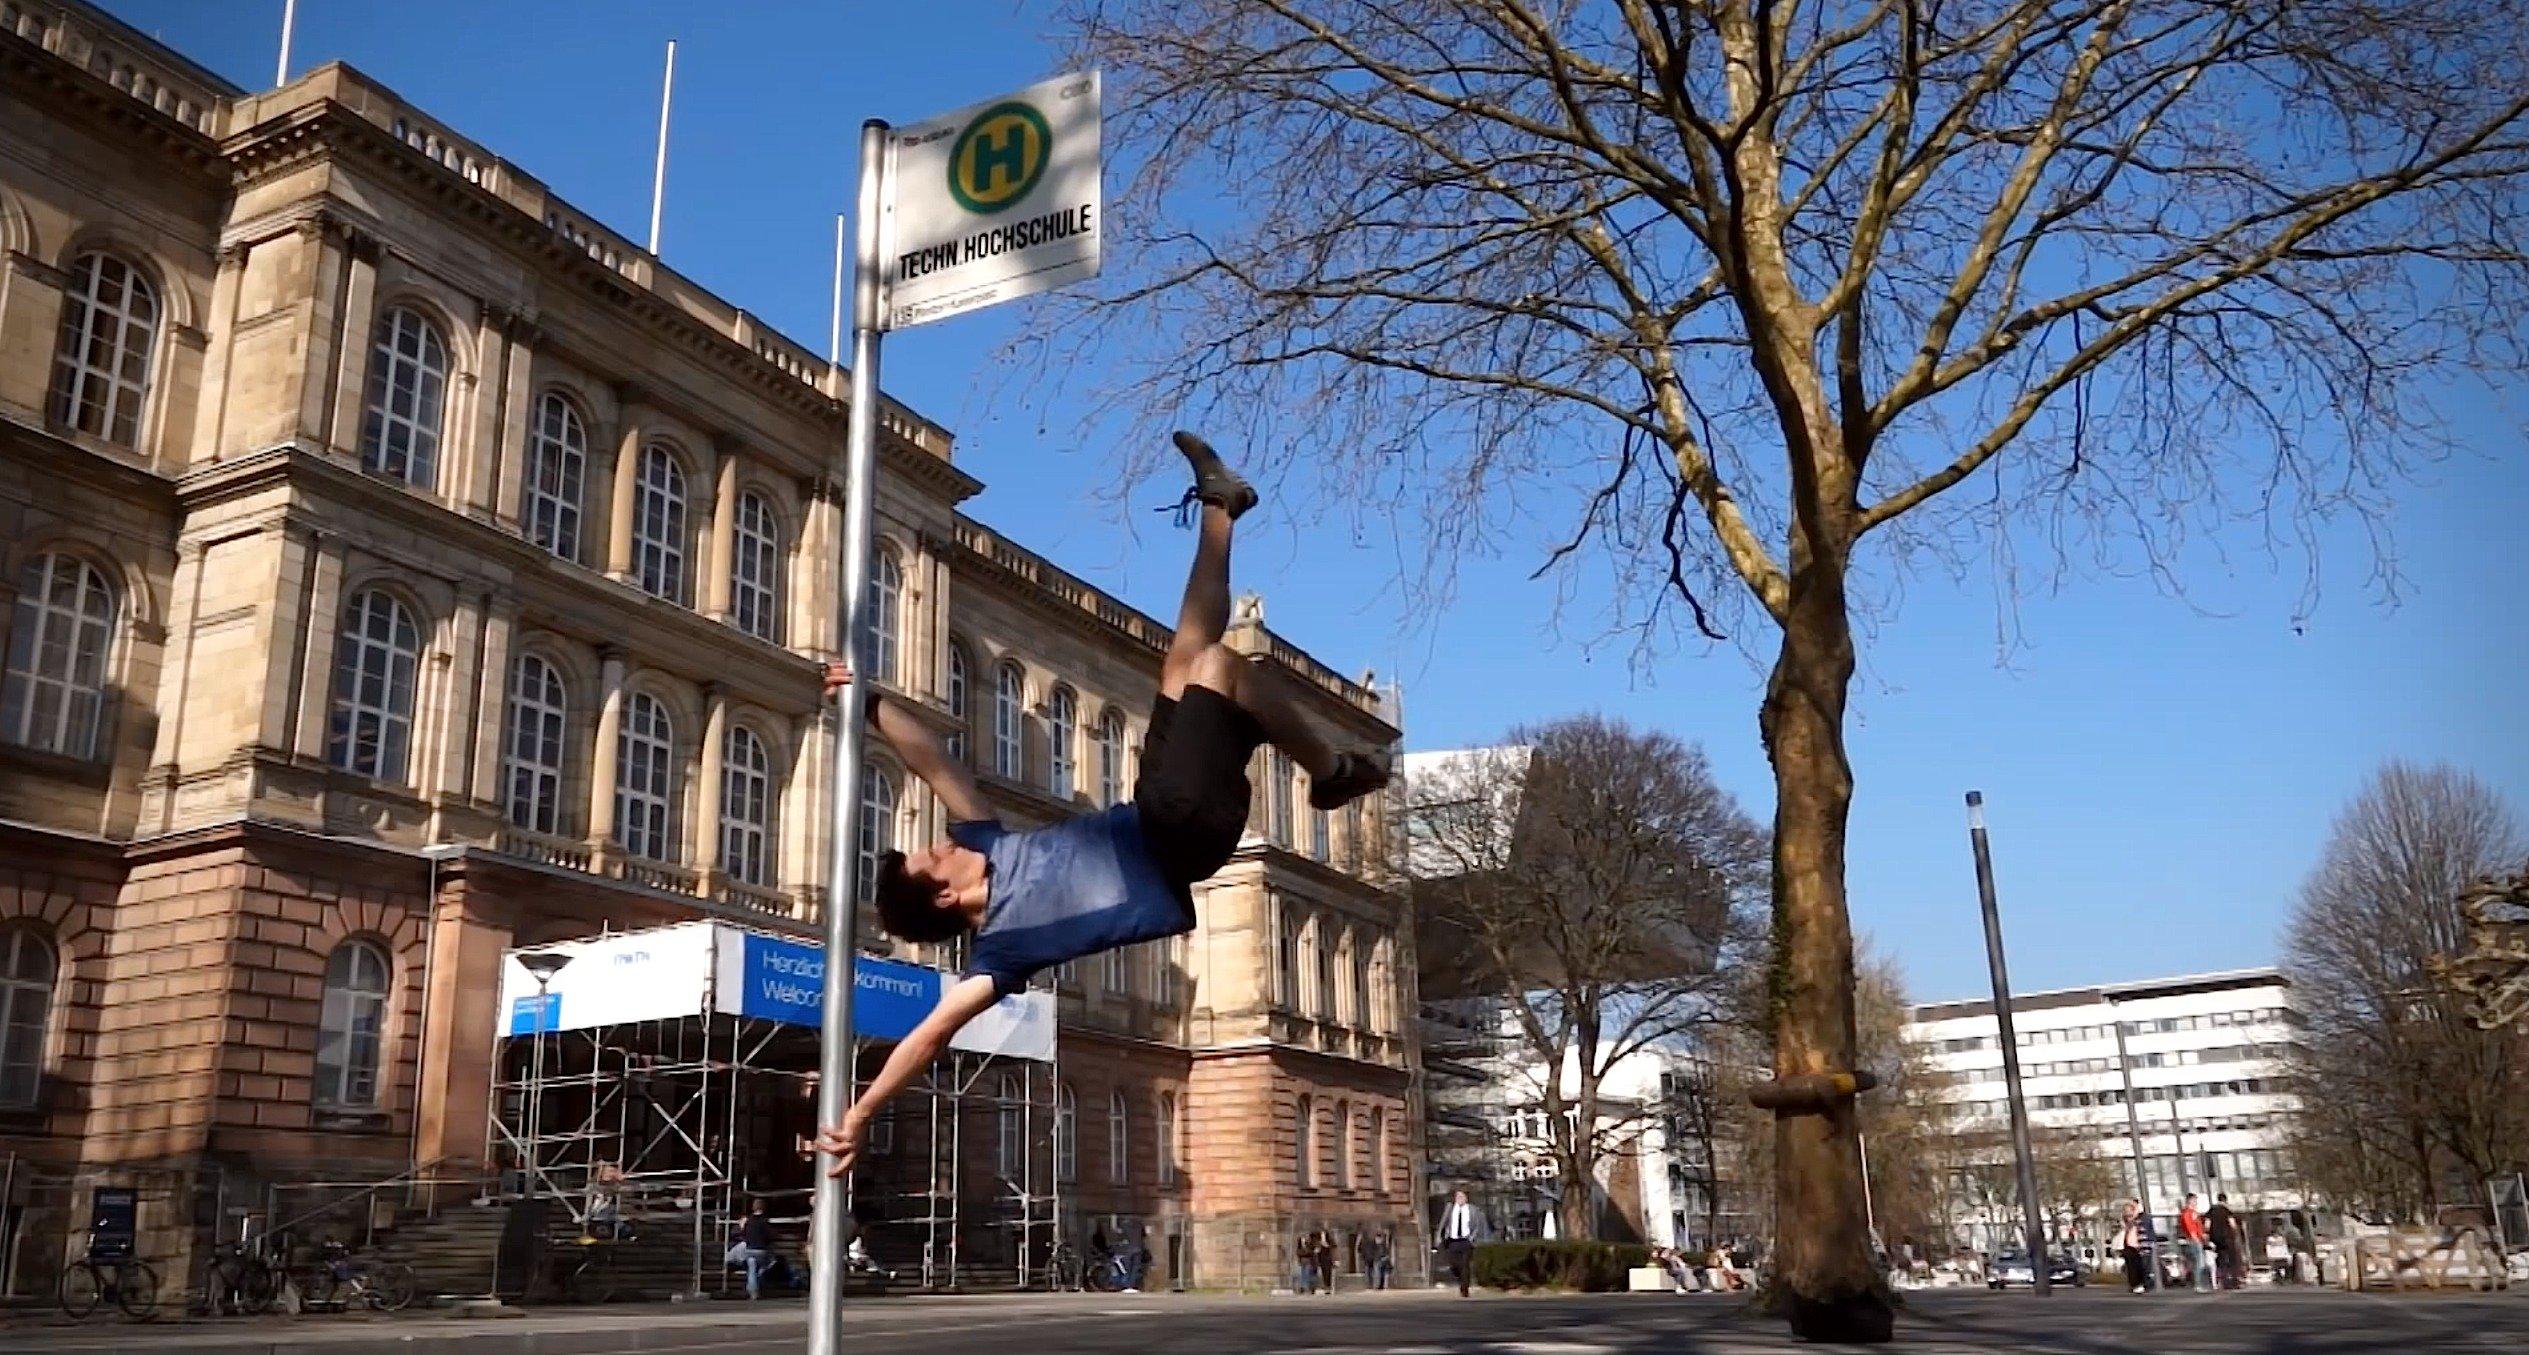 Viel Kraft in den Armen: Ingenieurstudent der RWTH Aachen hängt am Haltestellenschild der Uni.